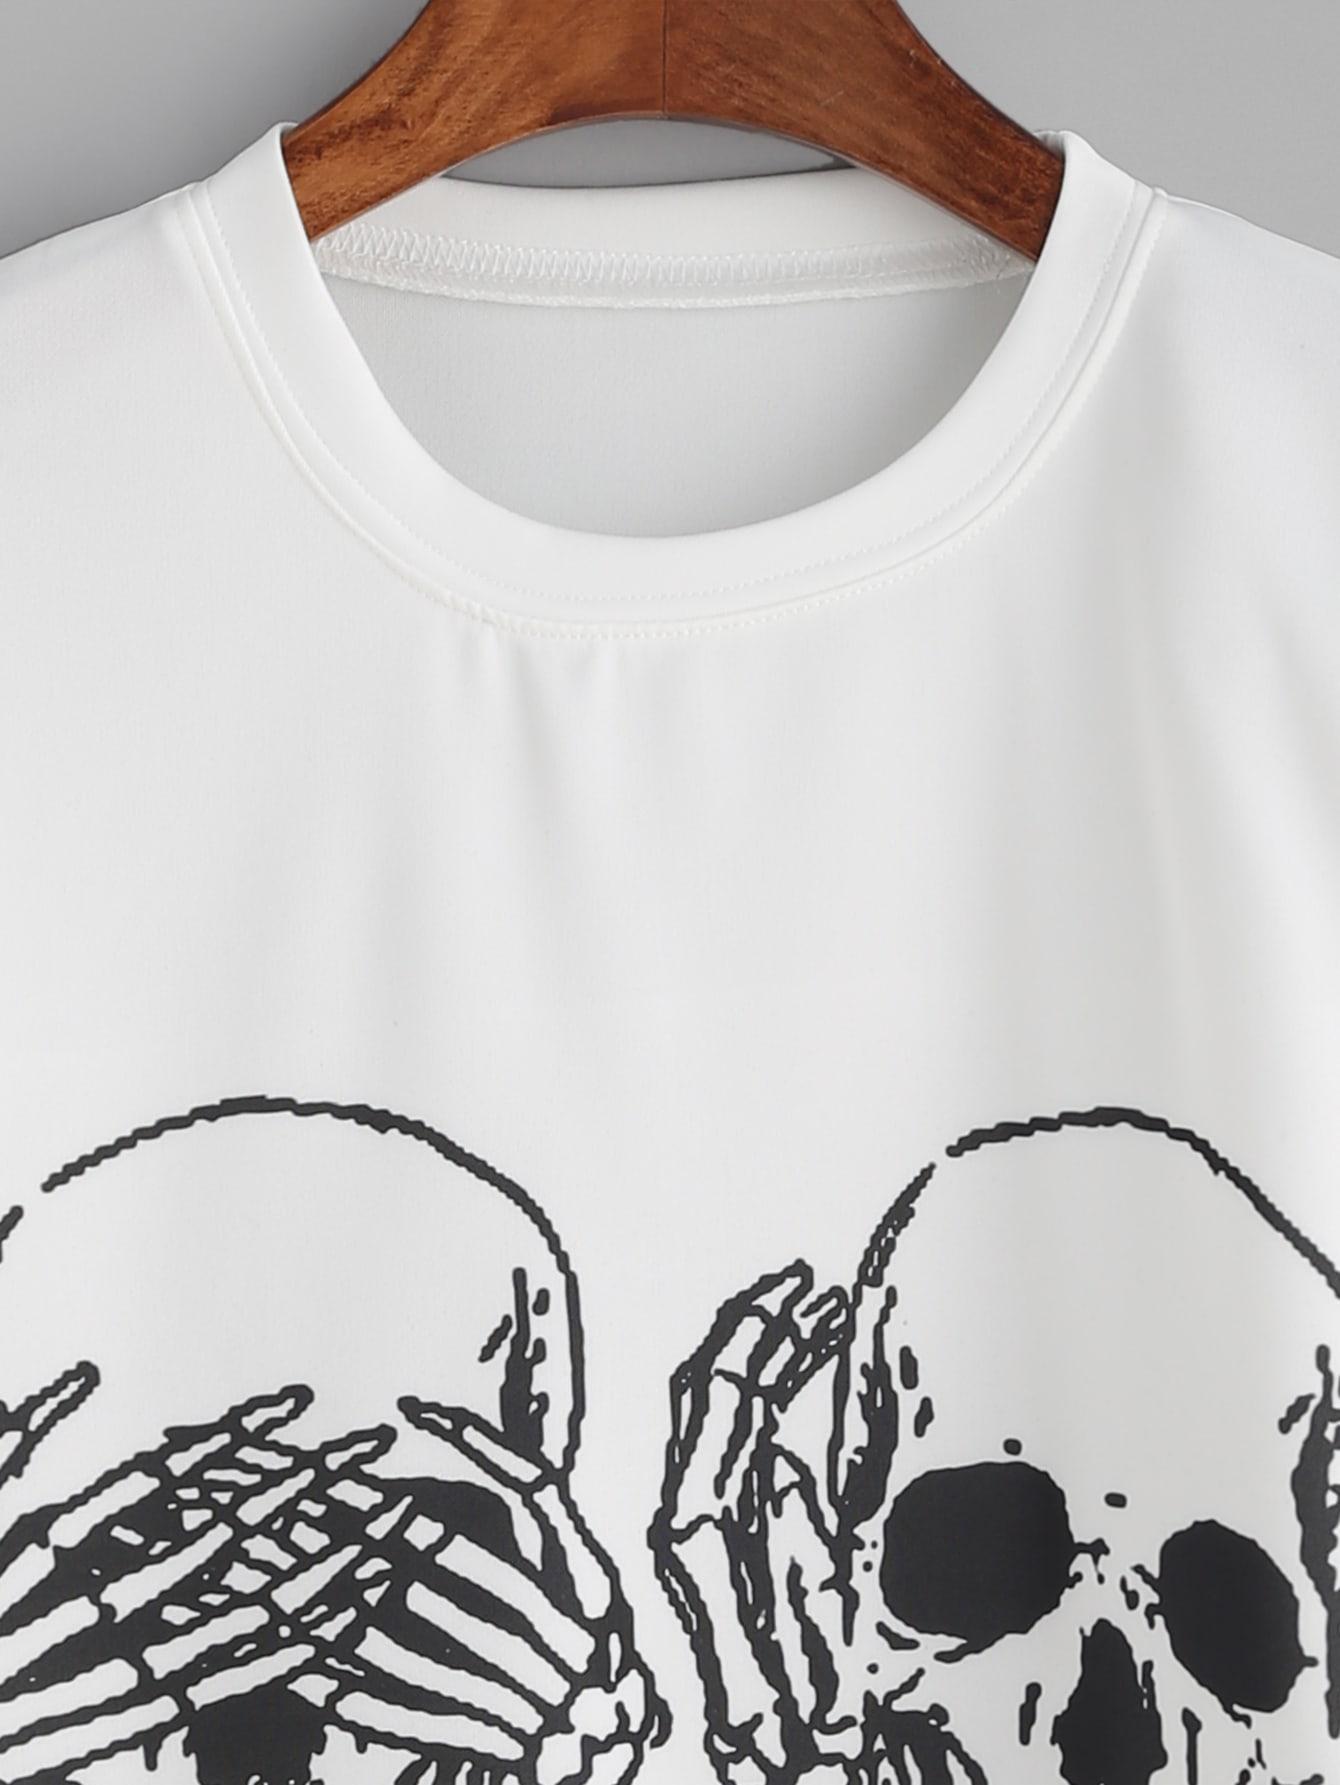 sweatshirt161019301_2